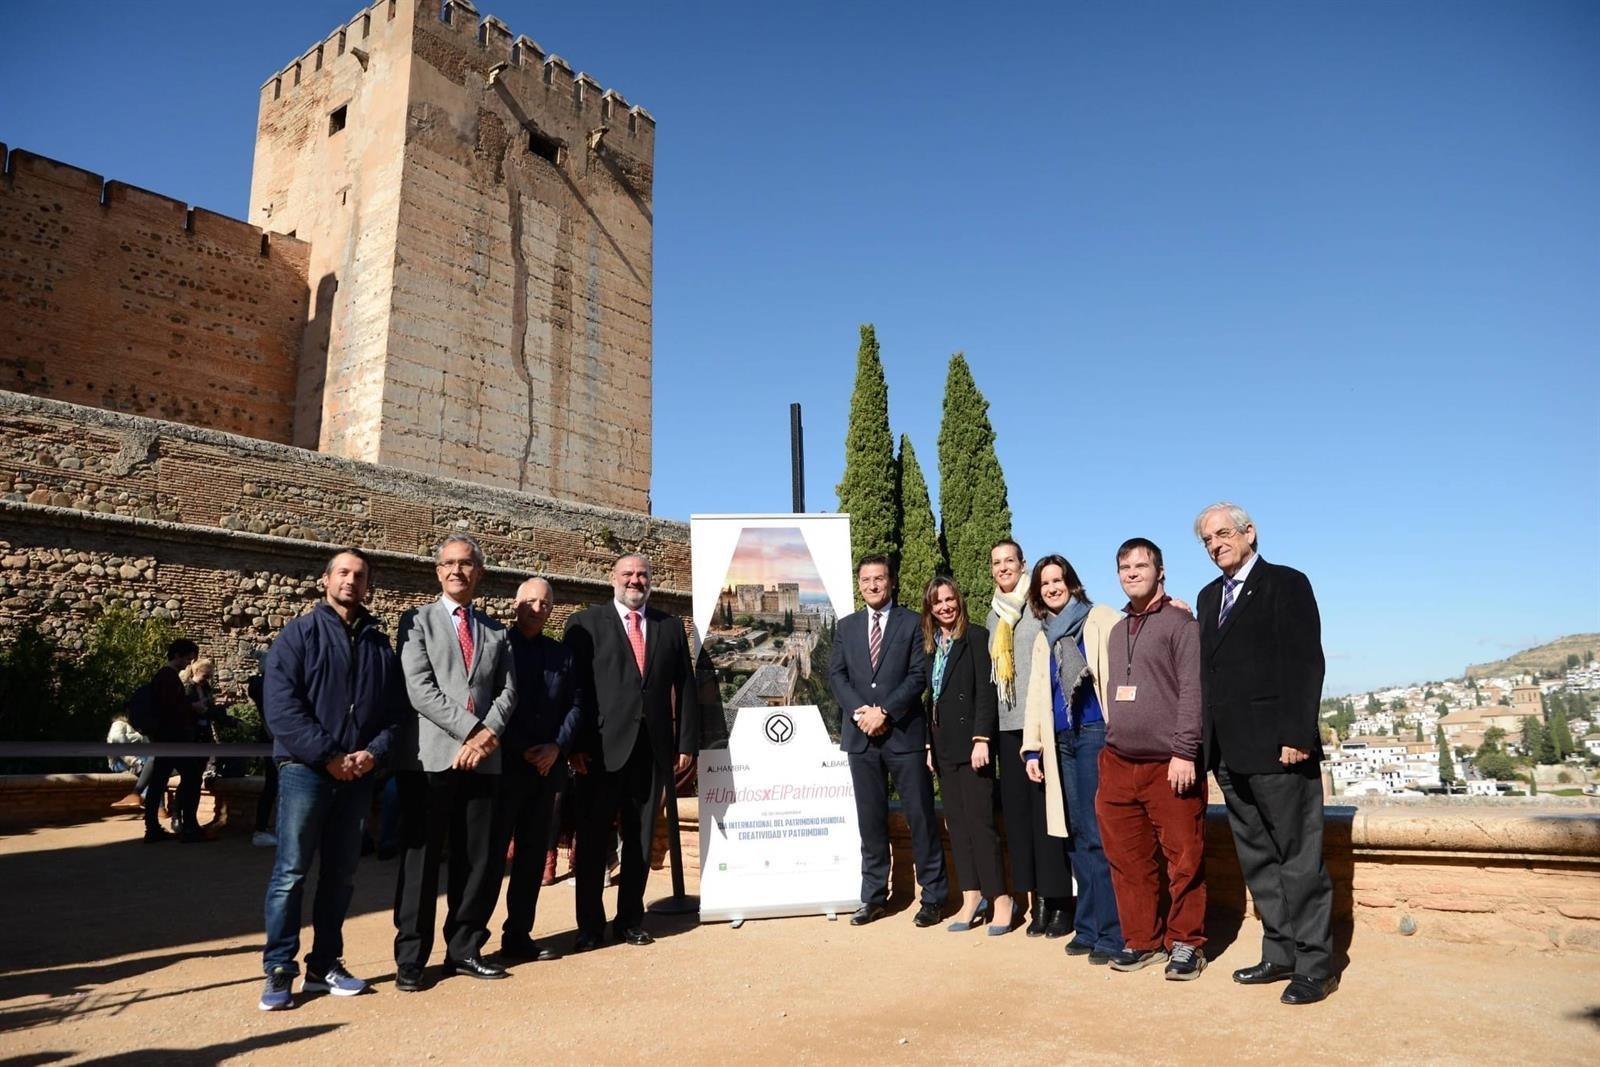 Entrada a la Alhambra gratis y 29 actividades más para celebrar el Día del Patrimonio Mundial